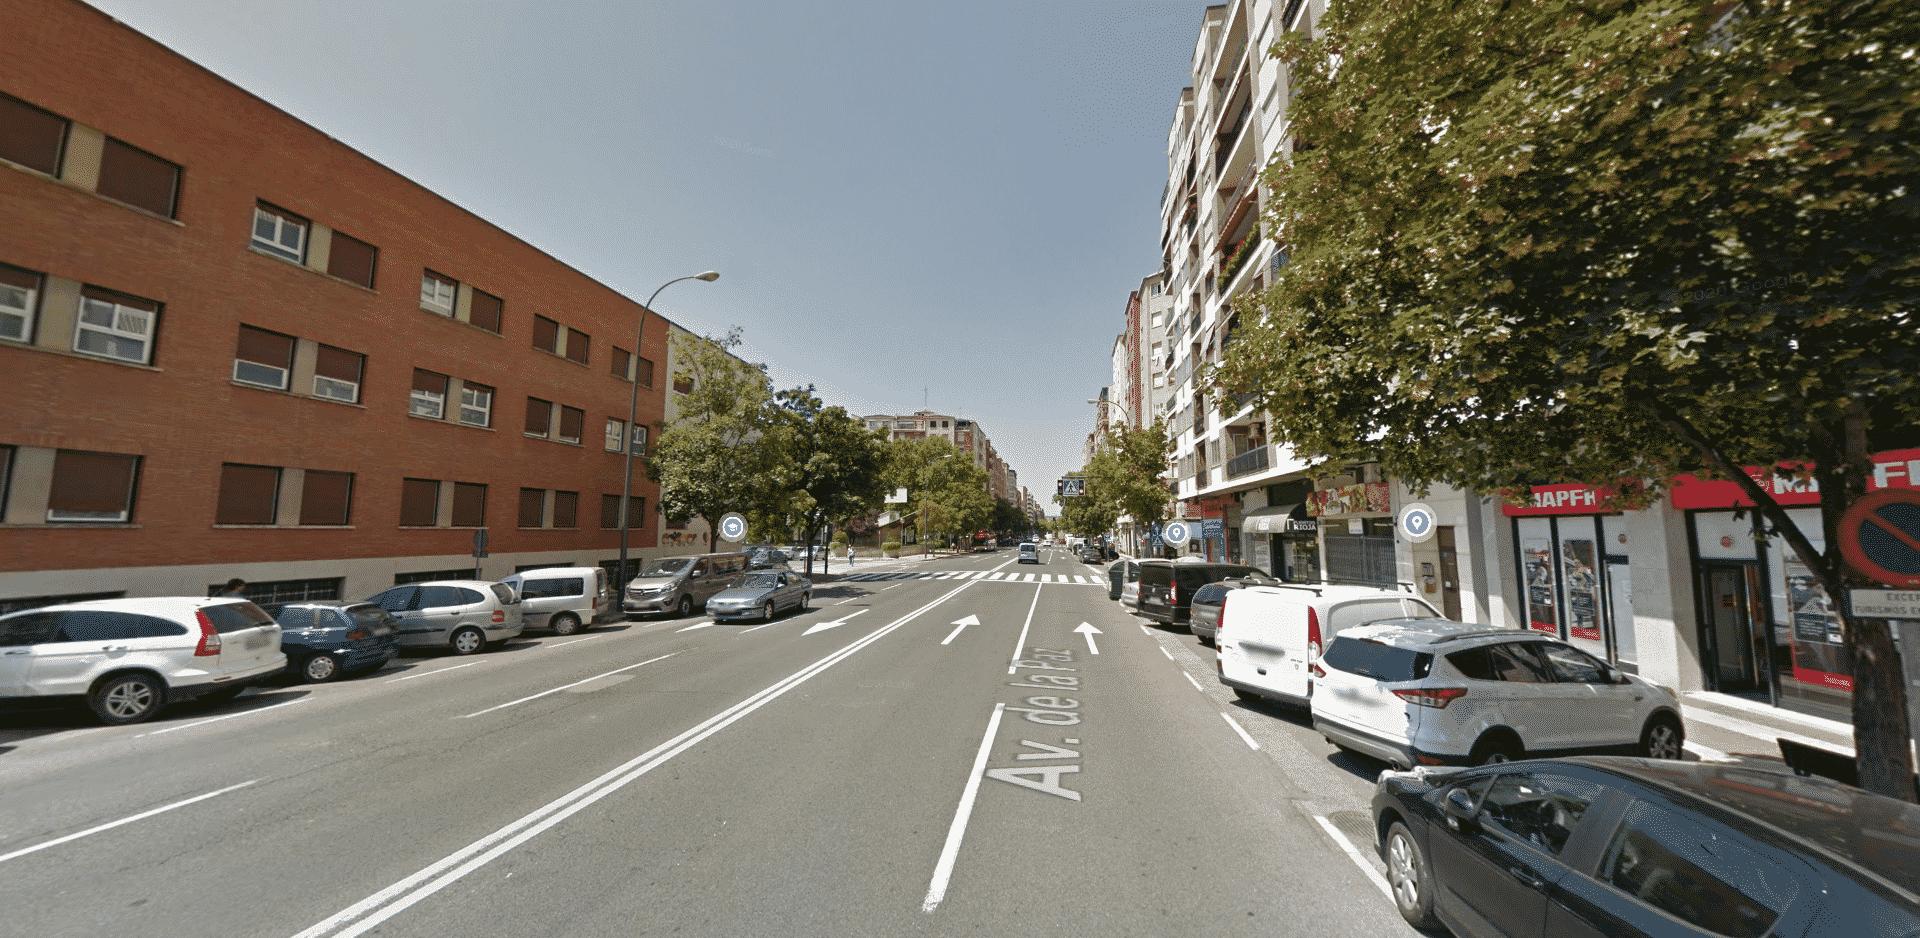 Avenida de la Paz